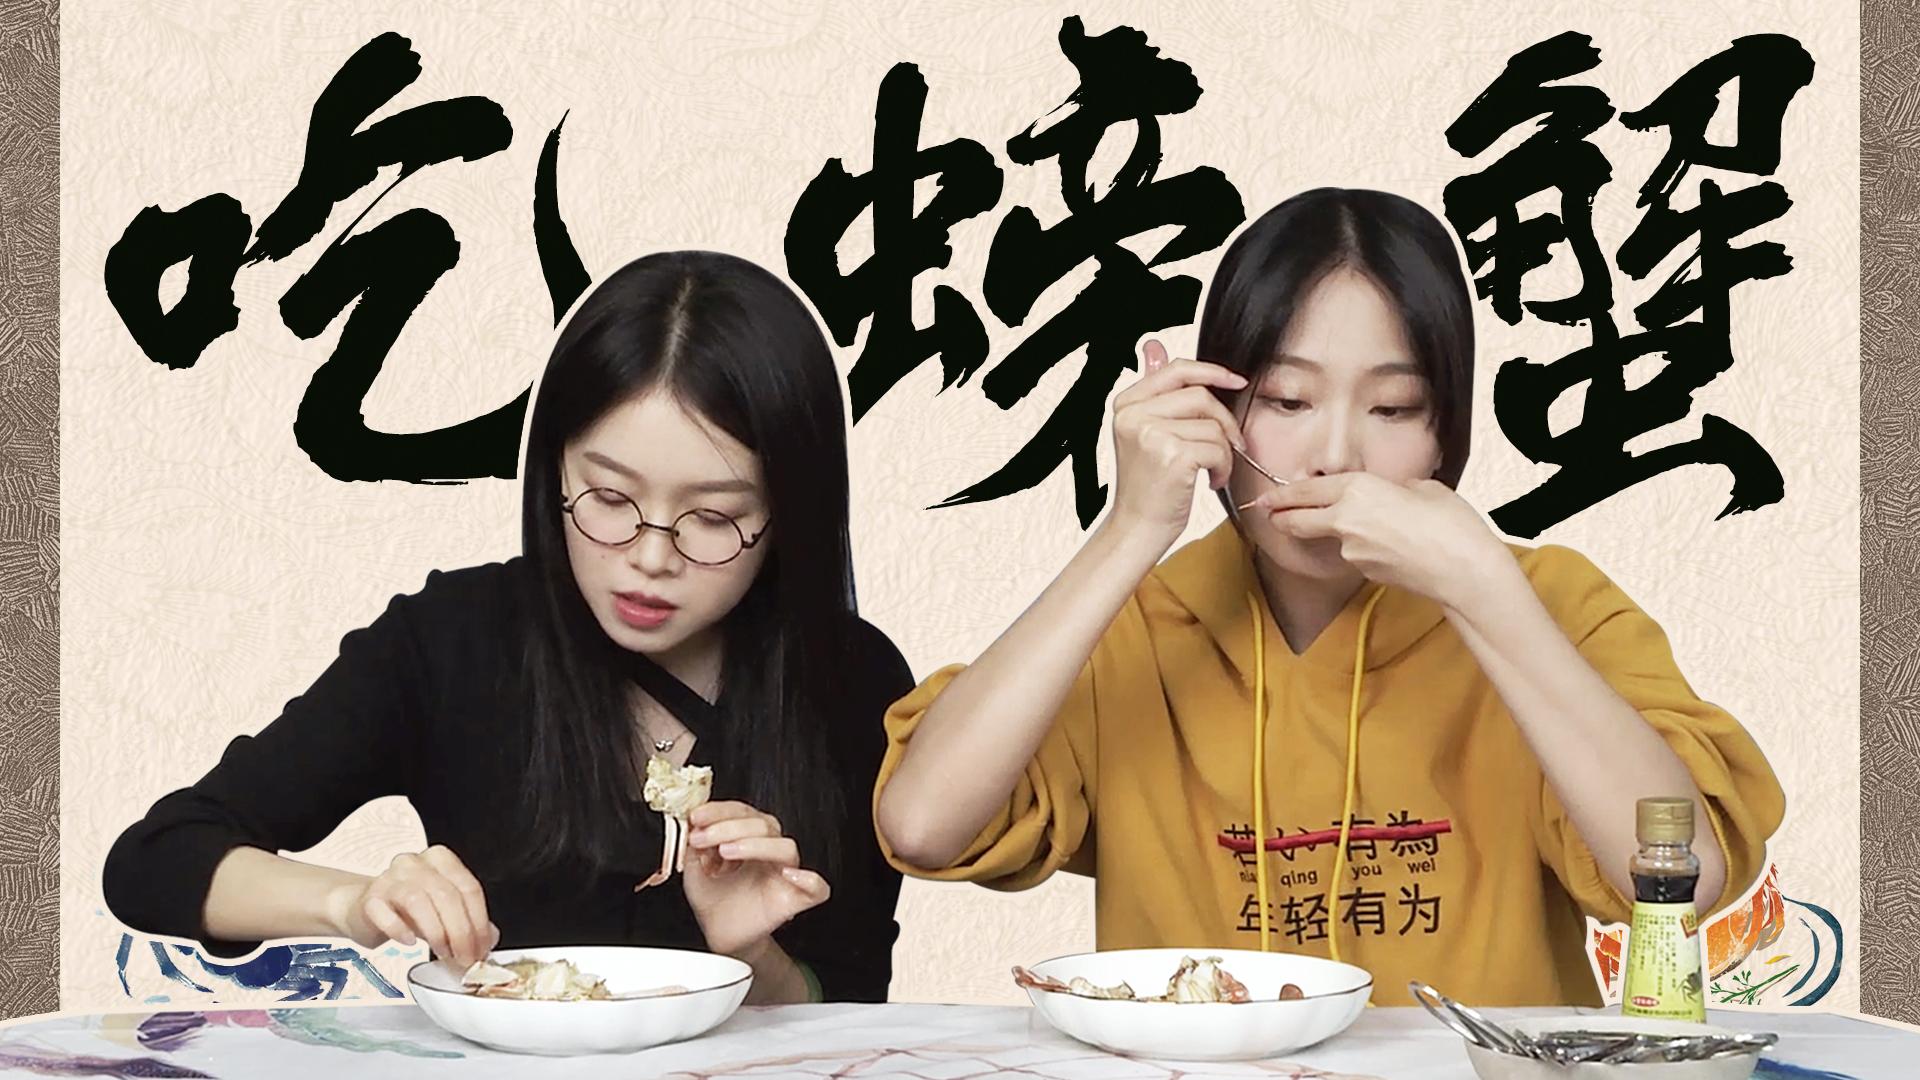 【粤知一二】广东人秋天吃蟹,果然吃到最后连壳都不放过!